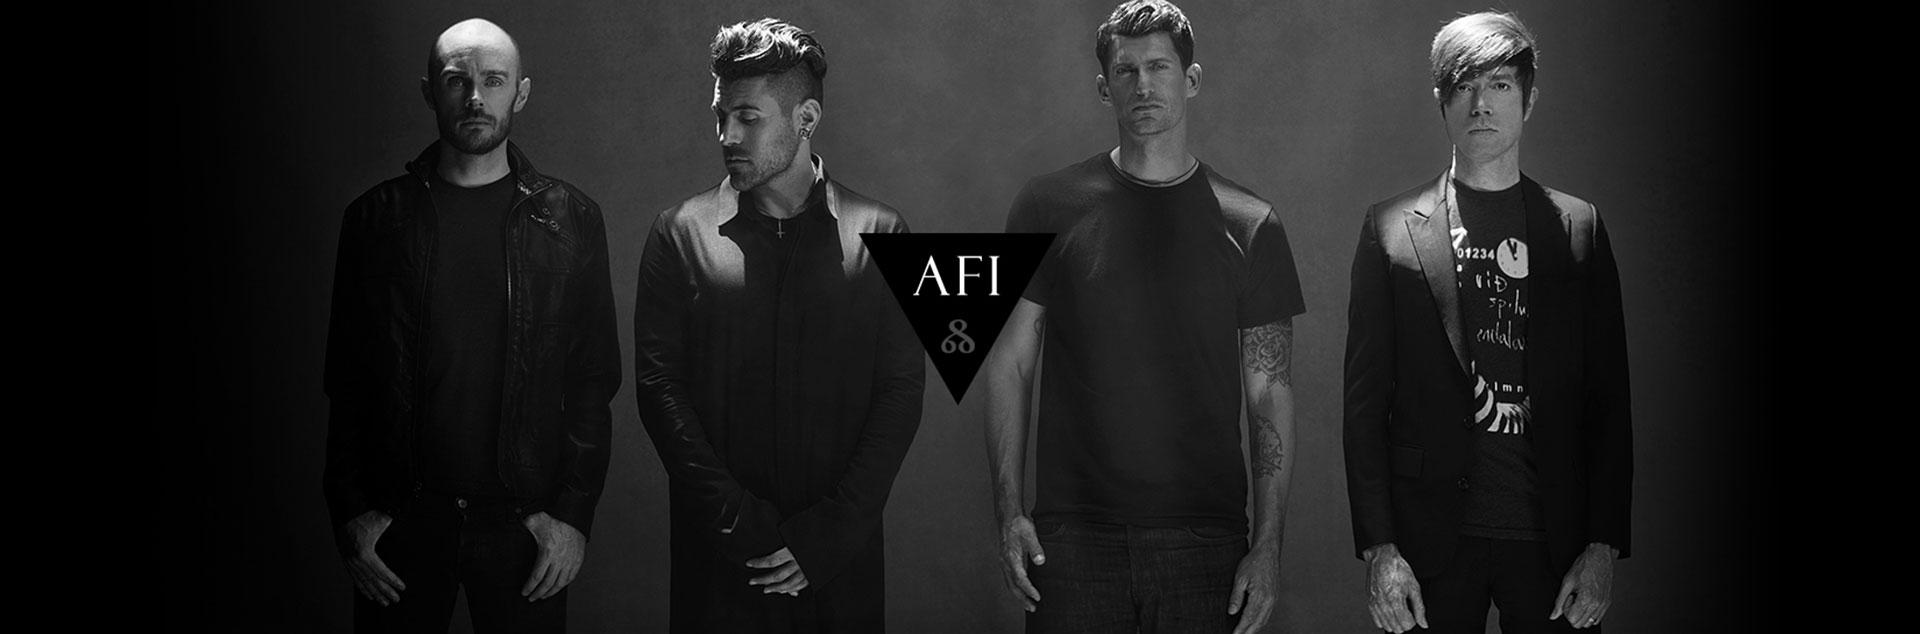 AFI-slide